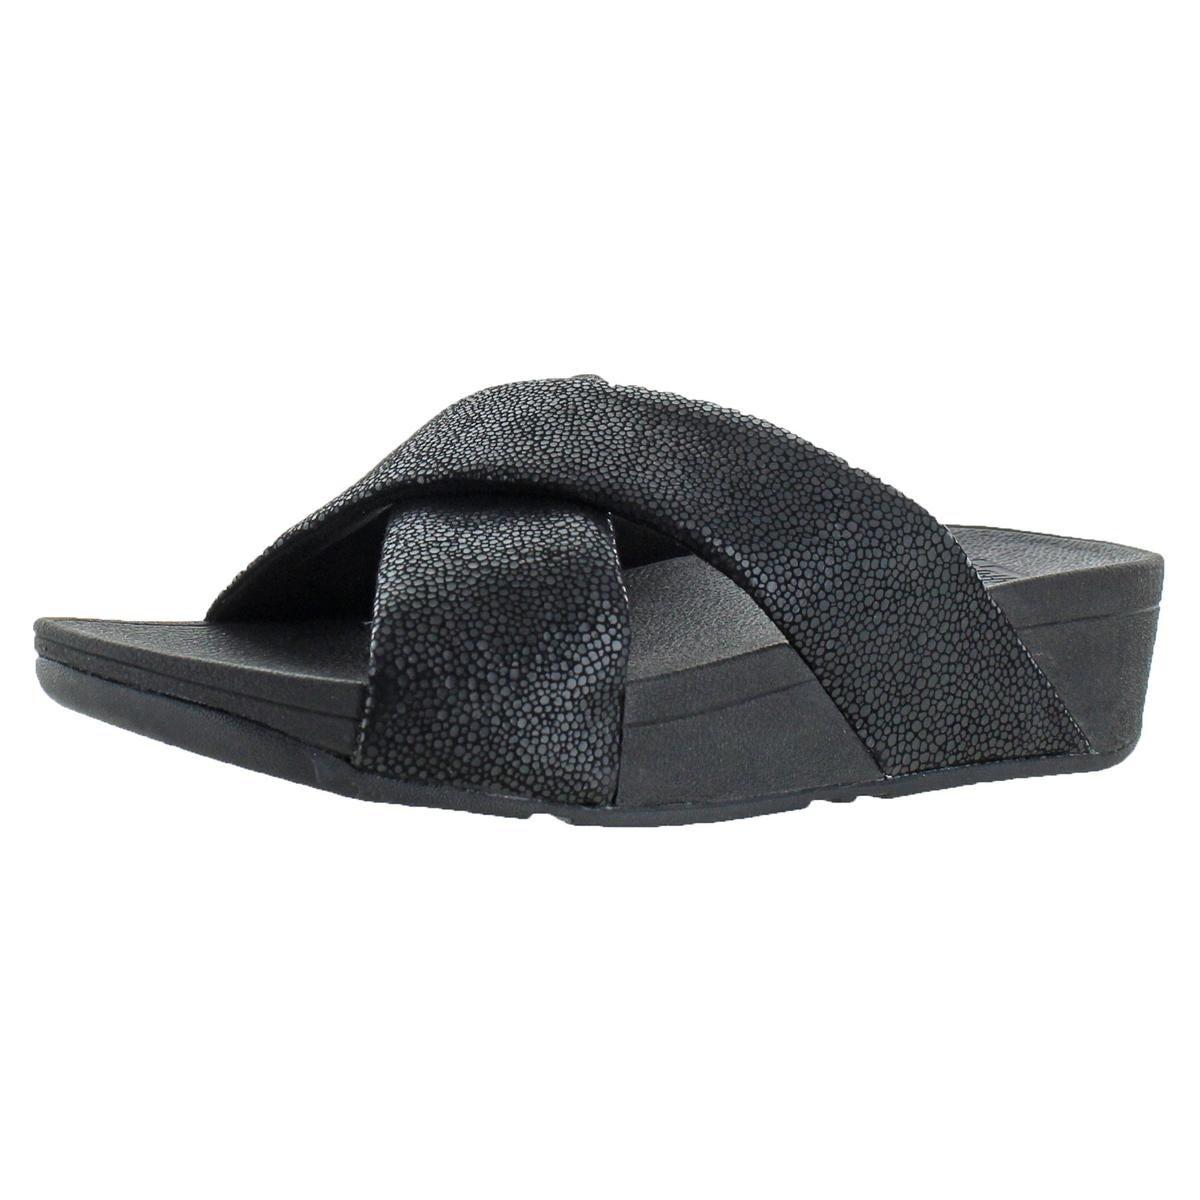 FitFlop Swoop Women's Slide Sandals